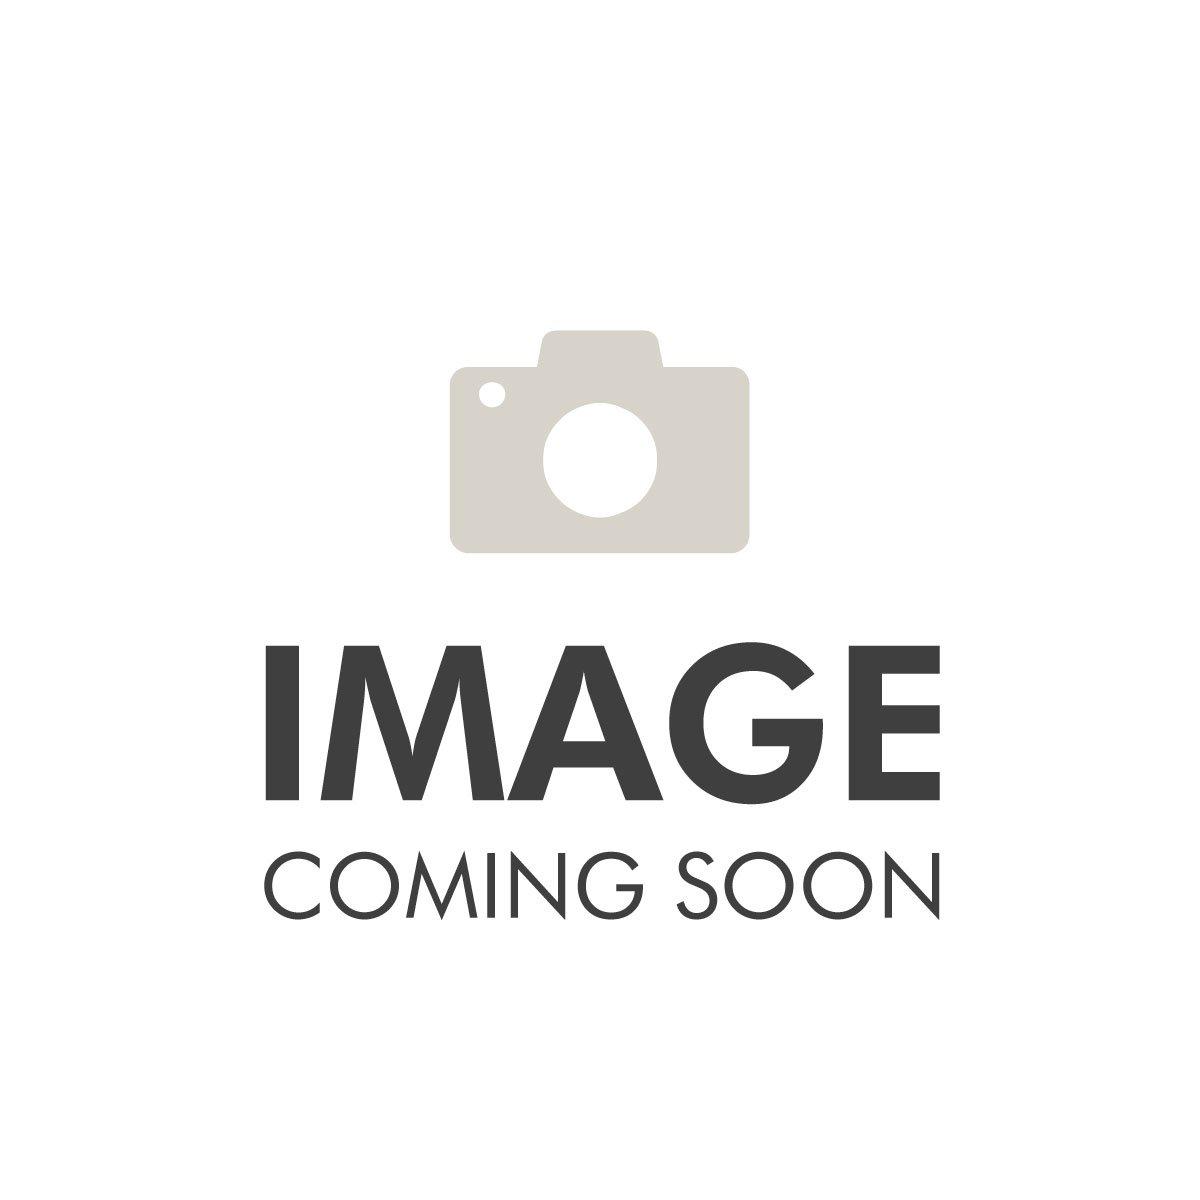 Mayfair Flair 100ml EDC Spray (Unboxed)